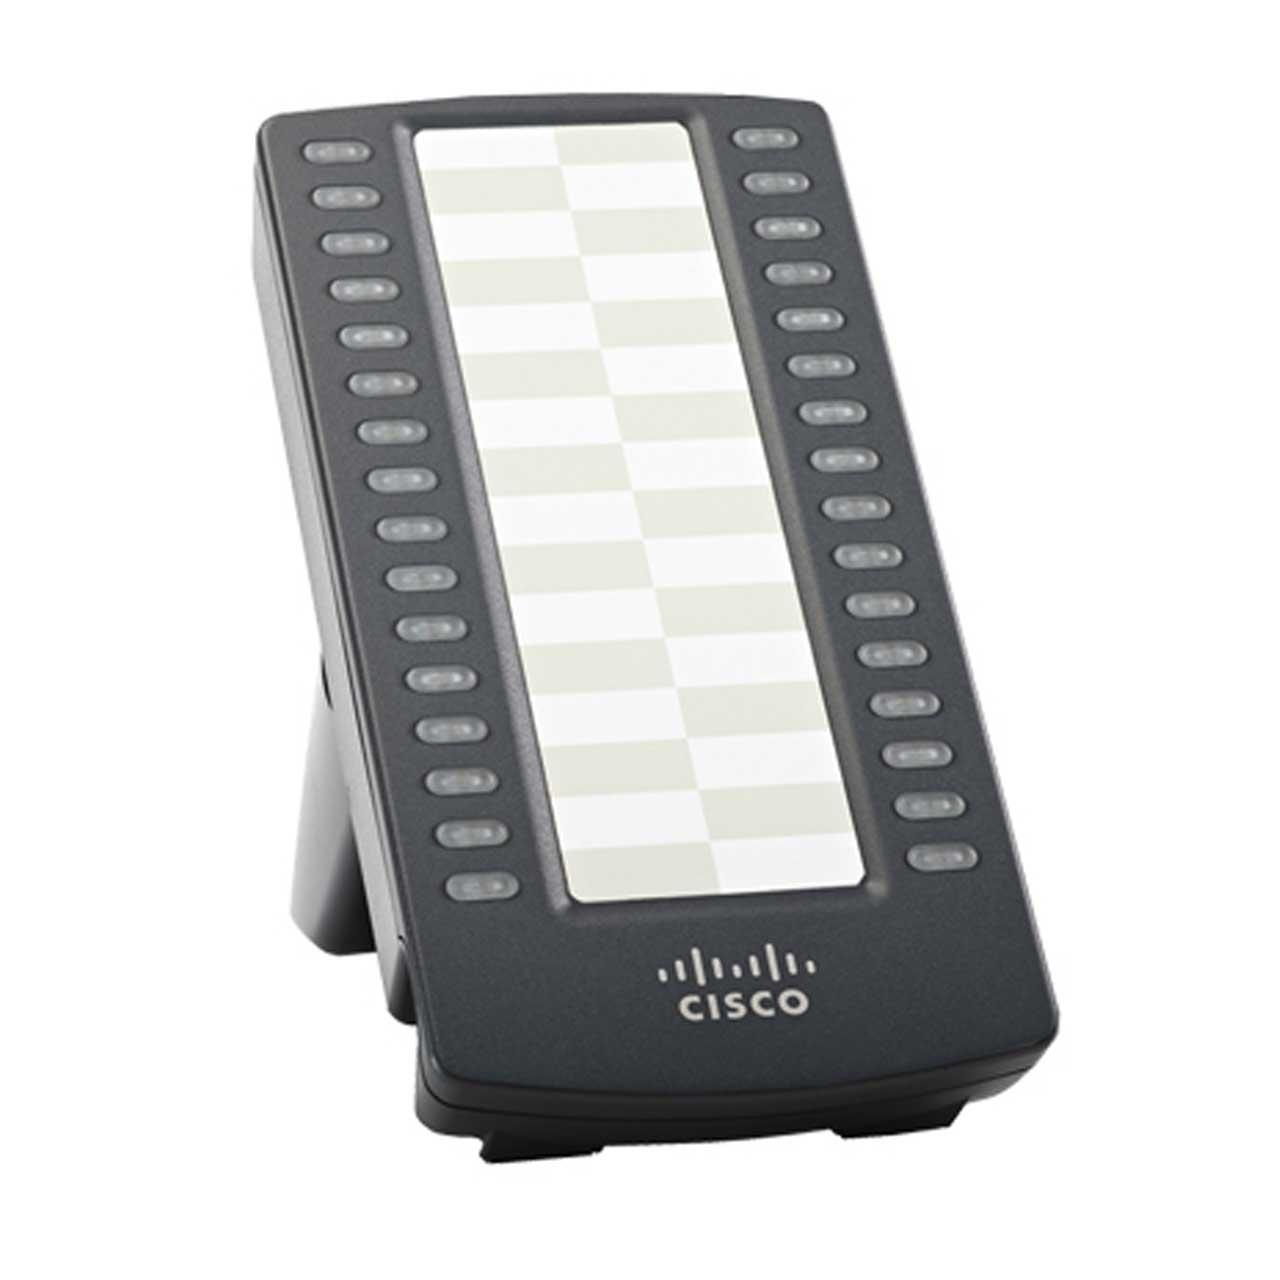 قیمت                      ماژول افزایش ظرفیت تلفن تحت شبکه سیسکو مدل SPA500S